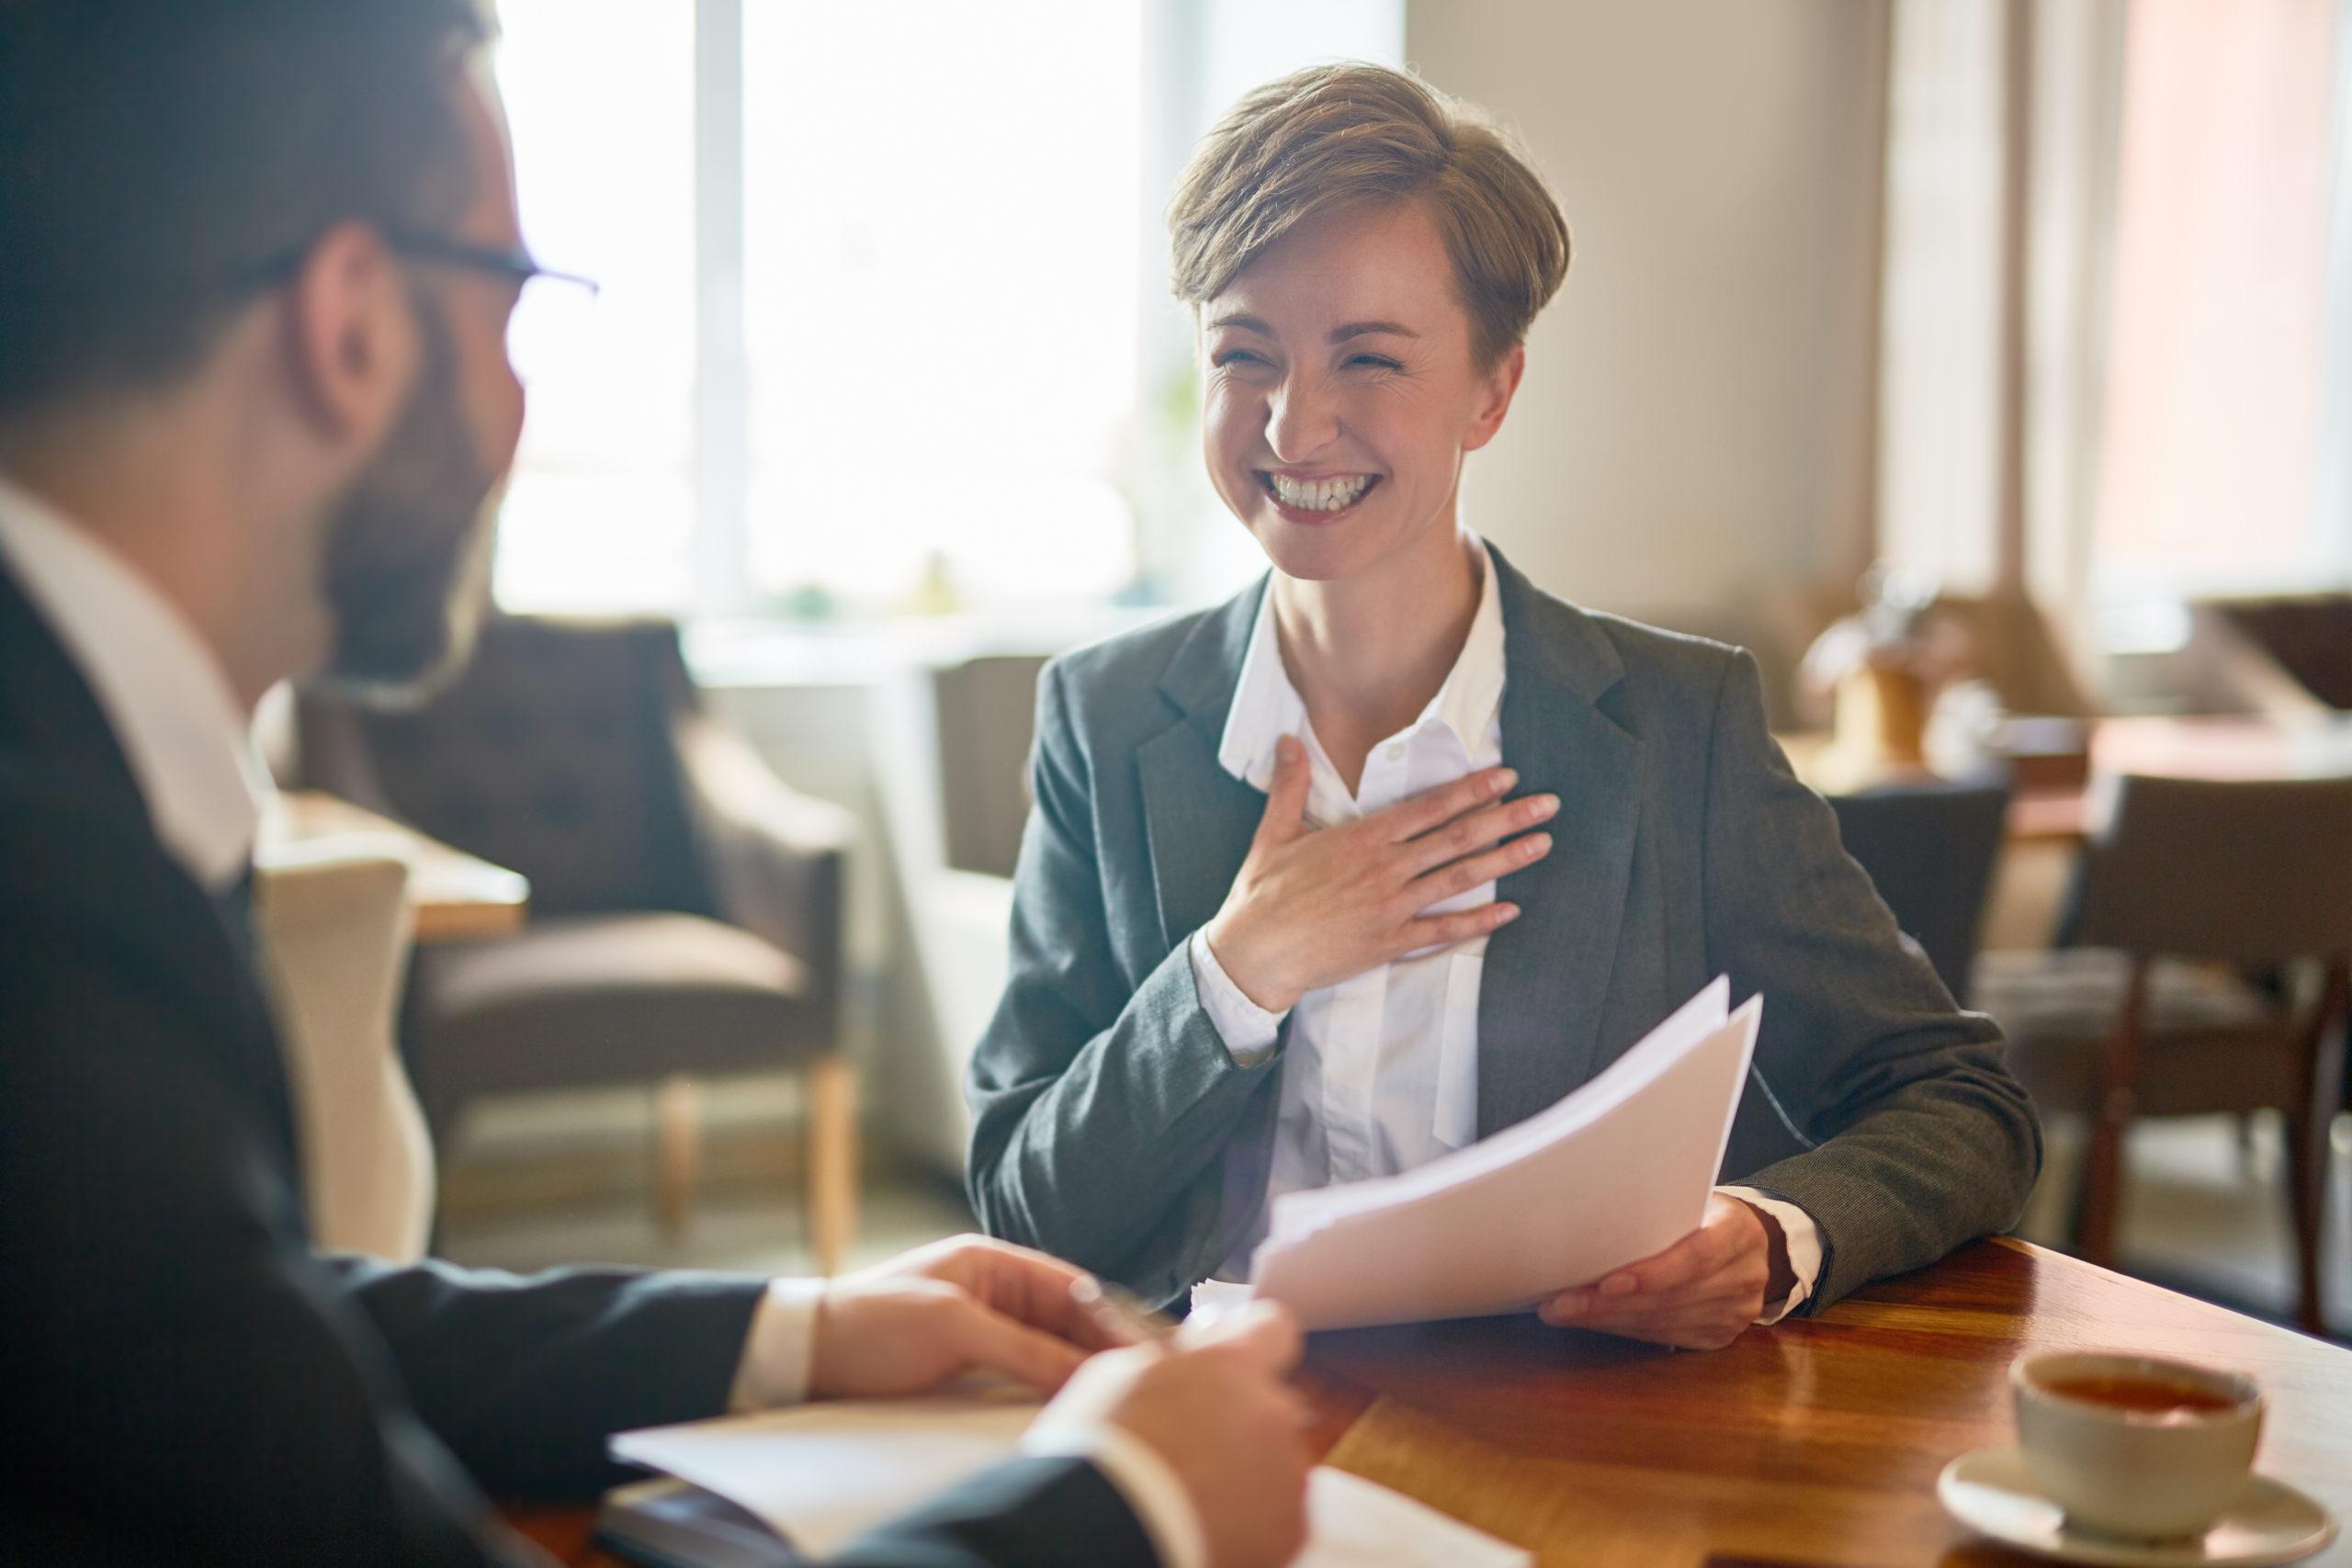 Aprenda Finalmente a Fazer Reunião 1 a 1 Produtiva